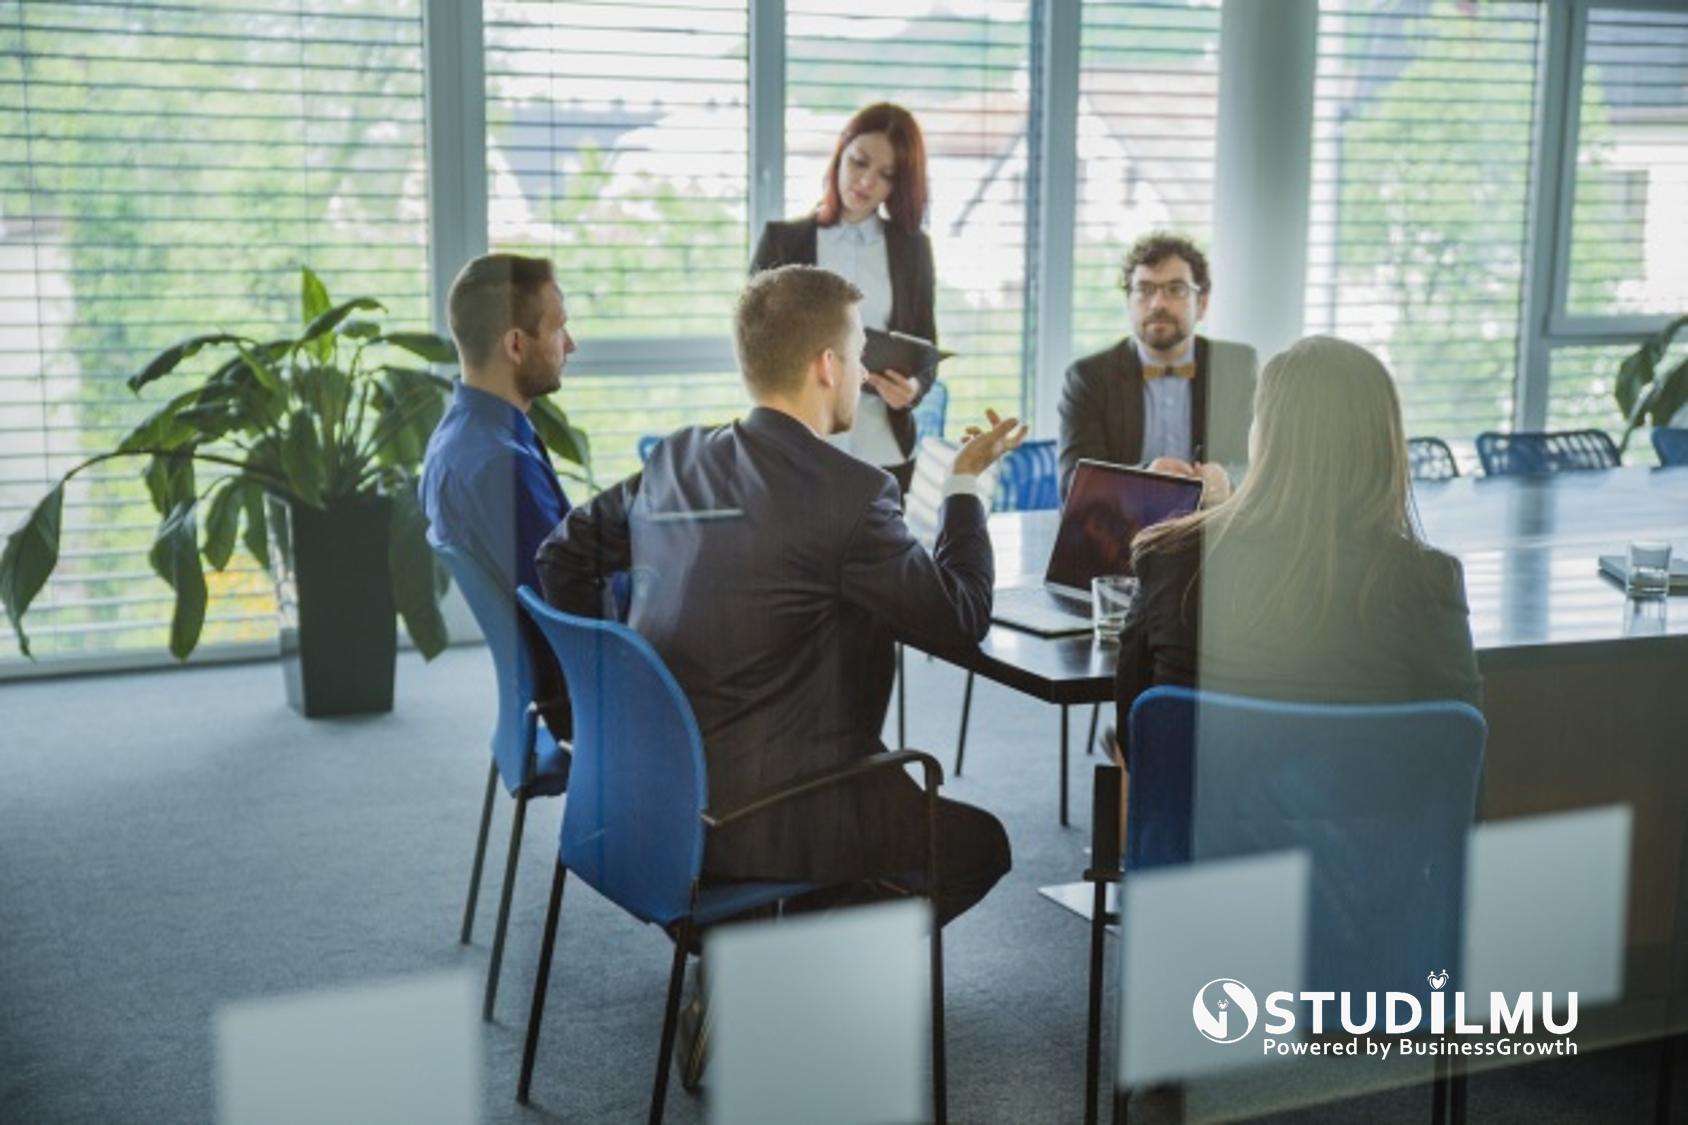 STUDILMU Career Advice - Rapat Kerja yang Efektif